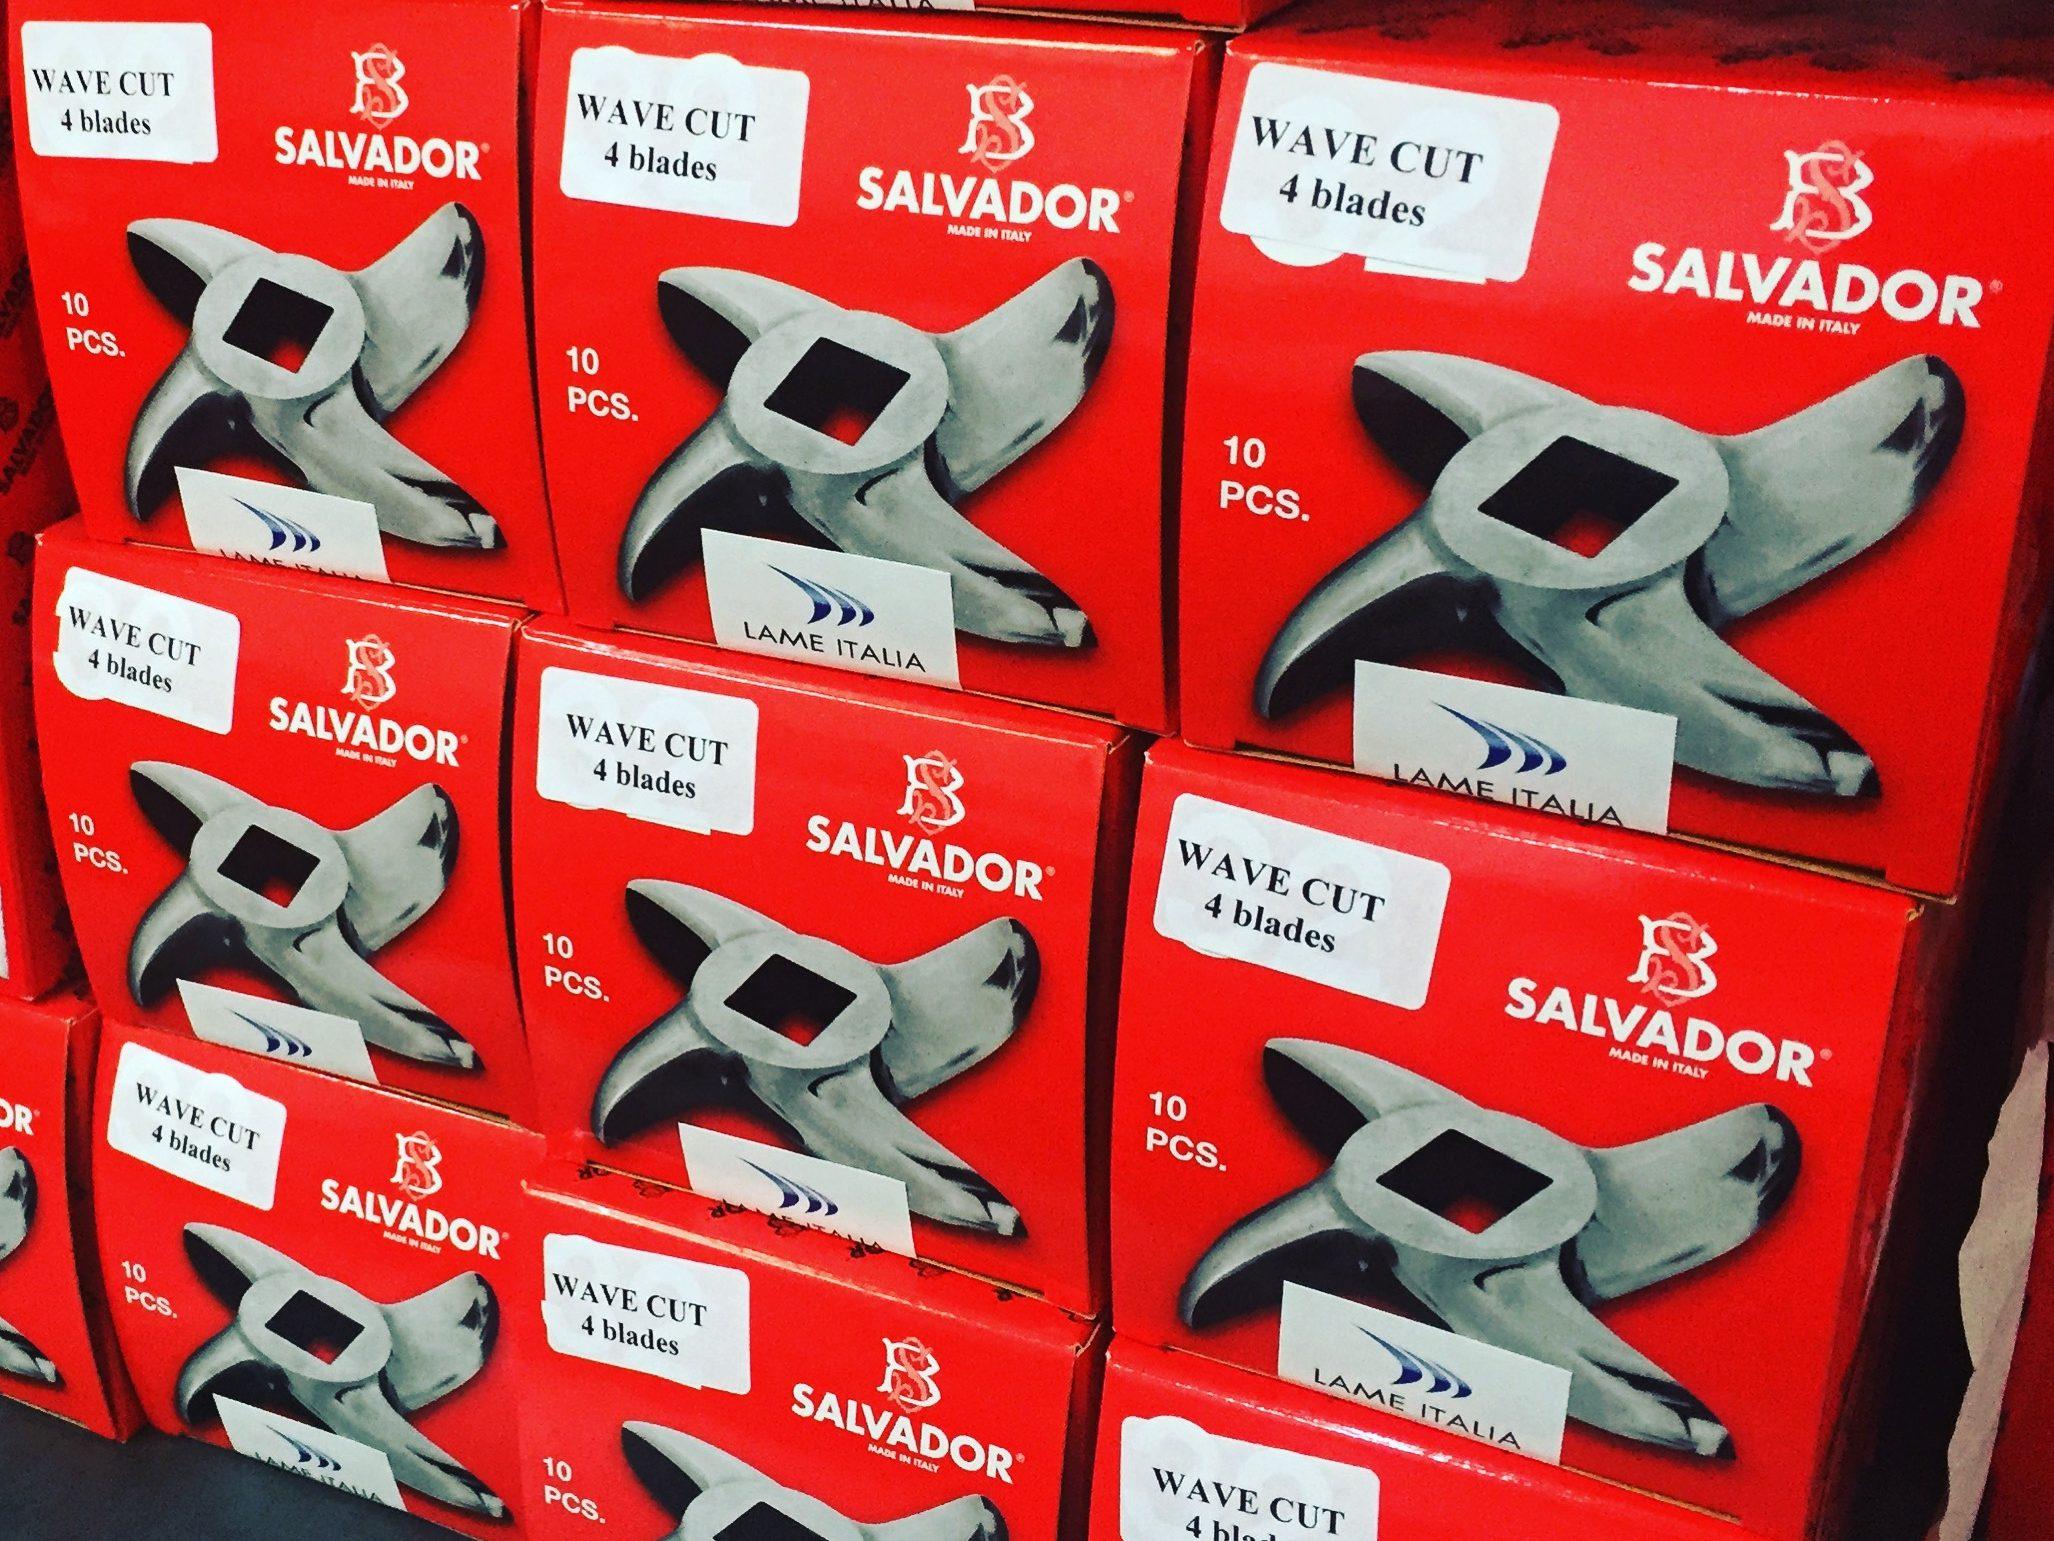 ... mincer knives Enterprise system Salvador Separator plates Salvador 50ff621e43a